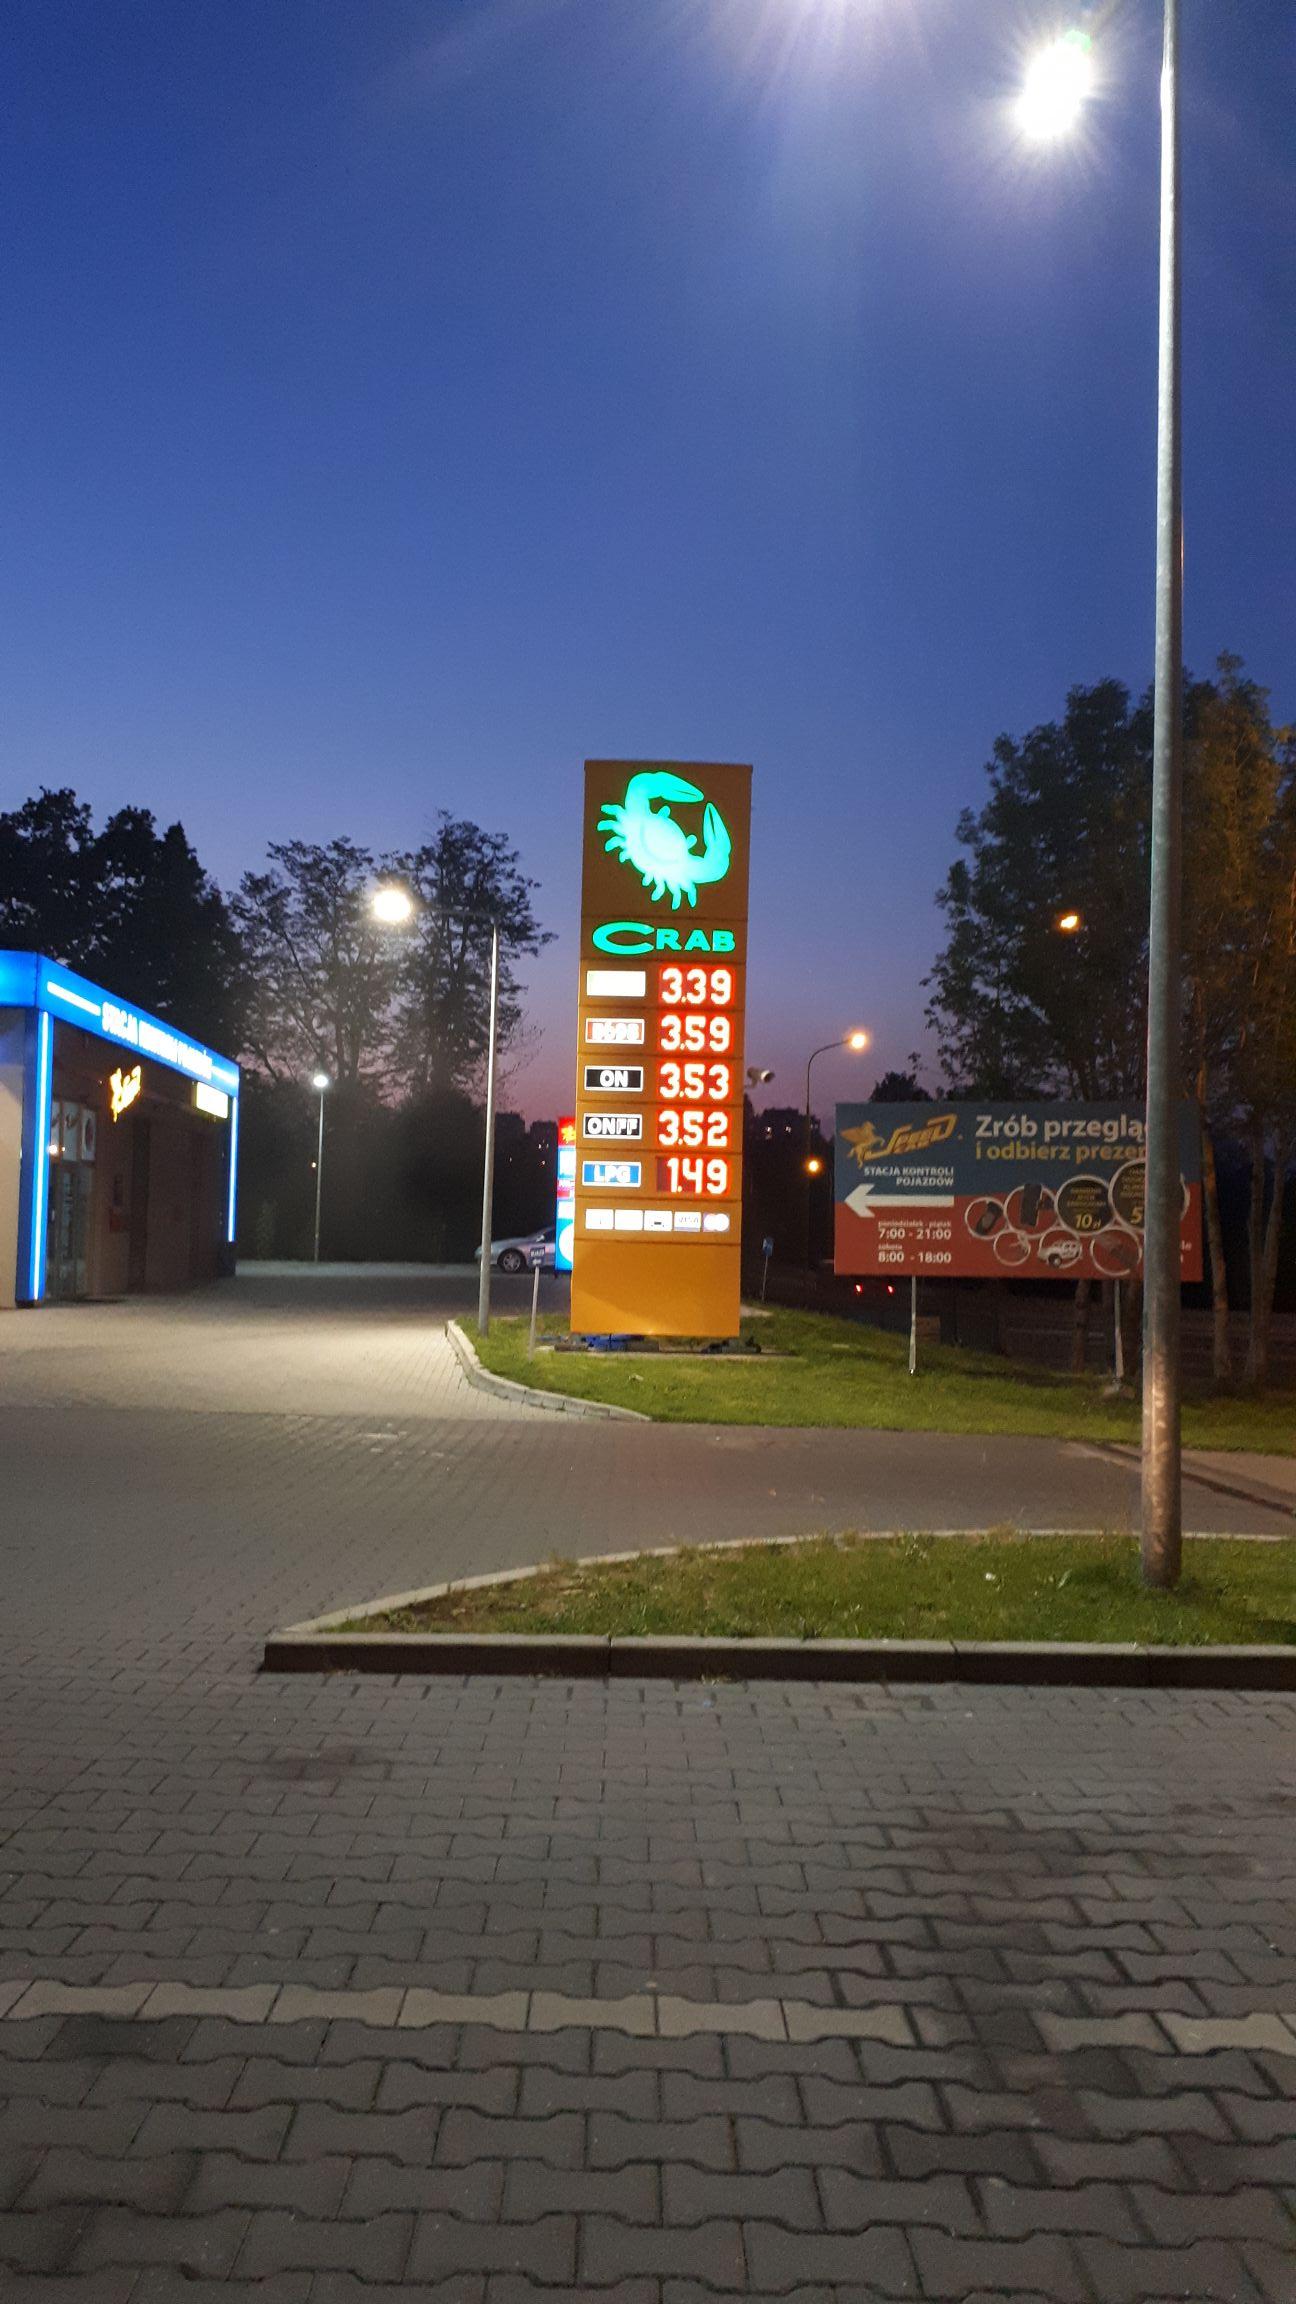 Paliwo ON FF 3,52zł stacja Crab Bielsko-Biała